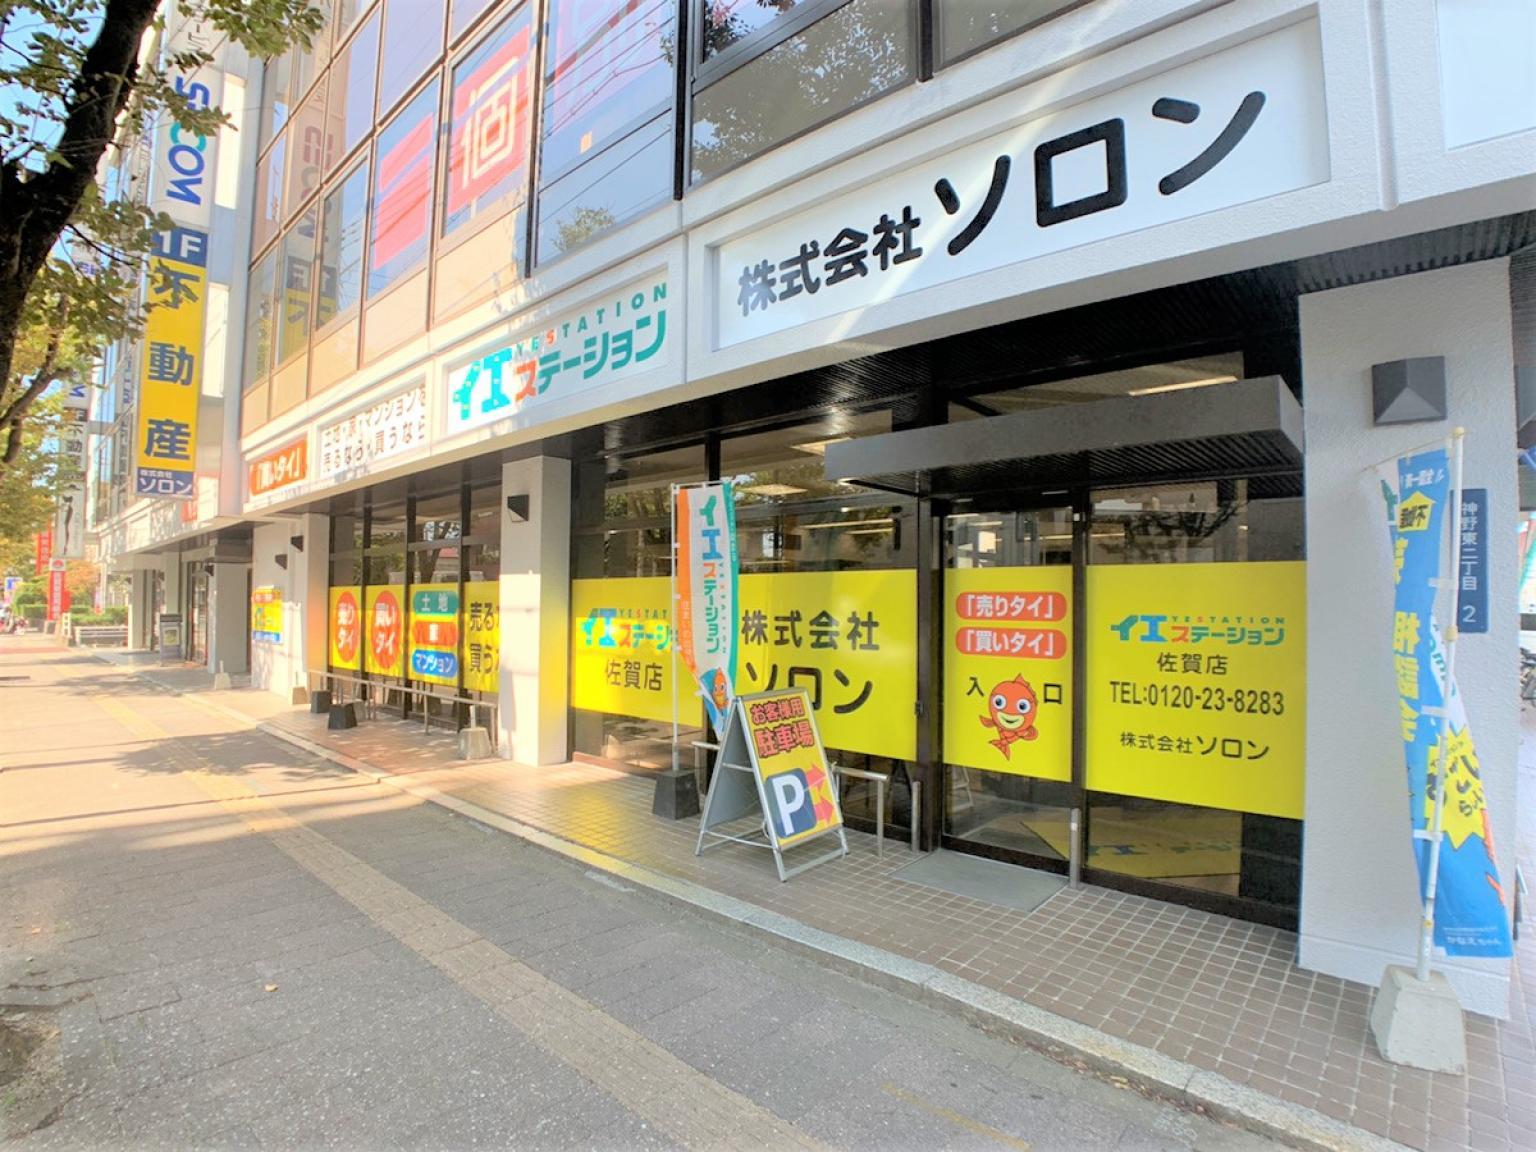 イエステーション 佐賀店 株式会社ソロン